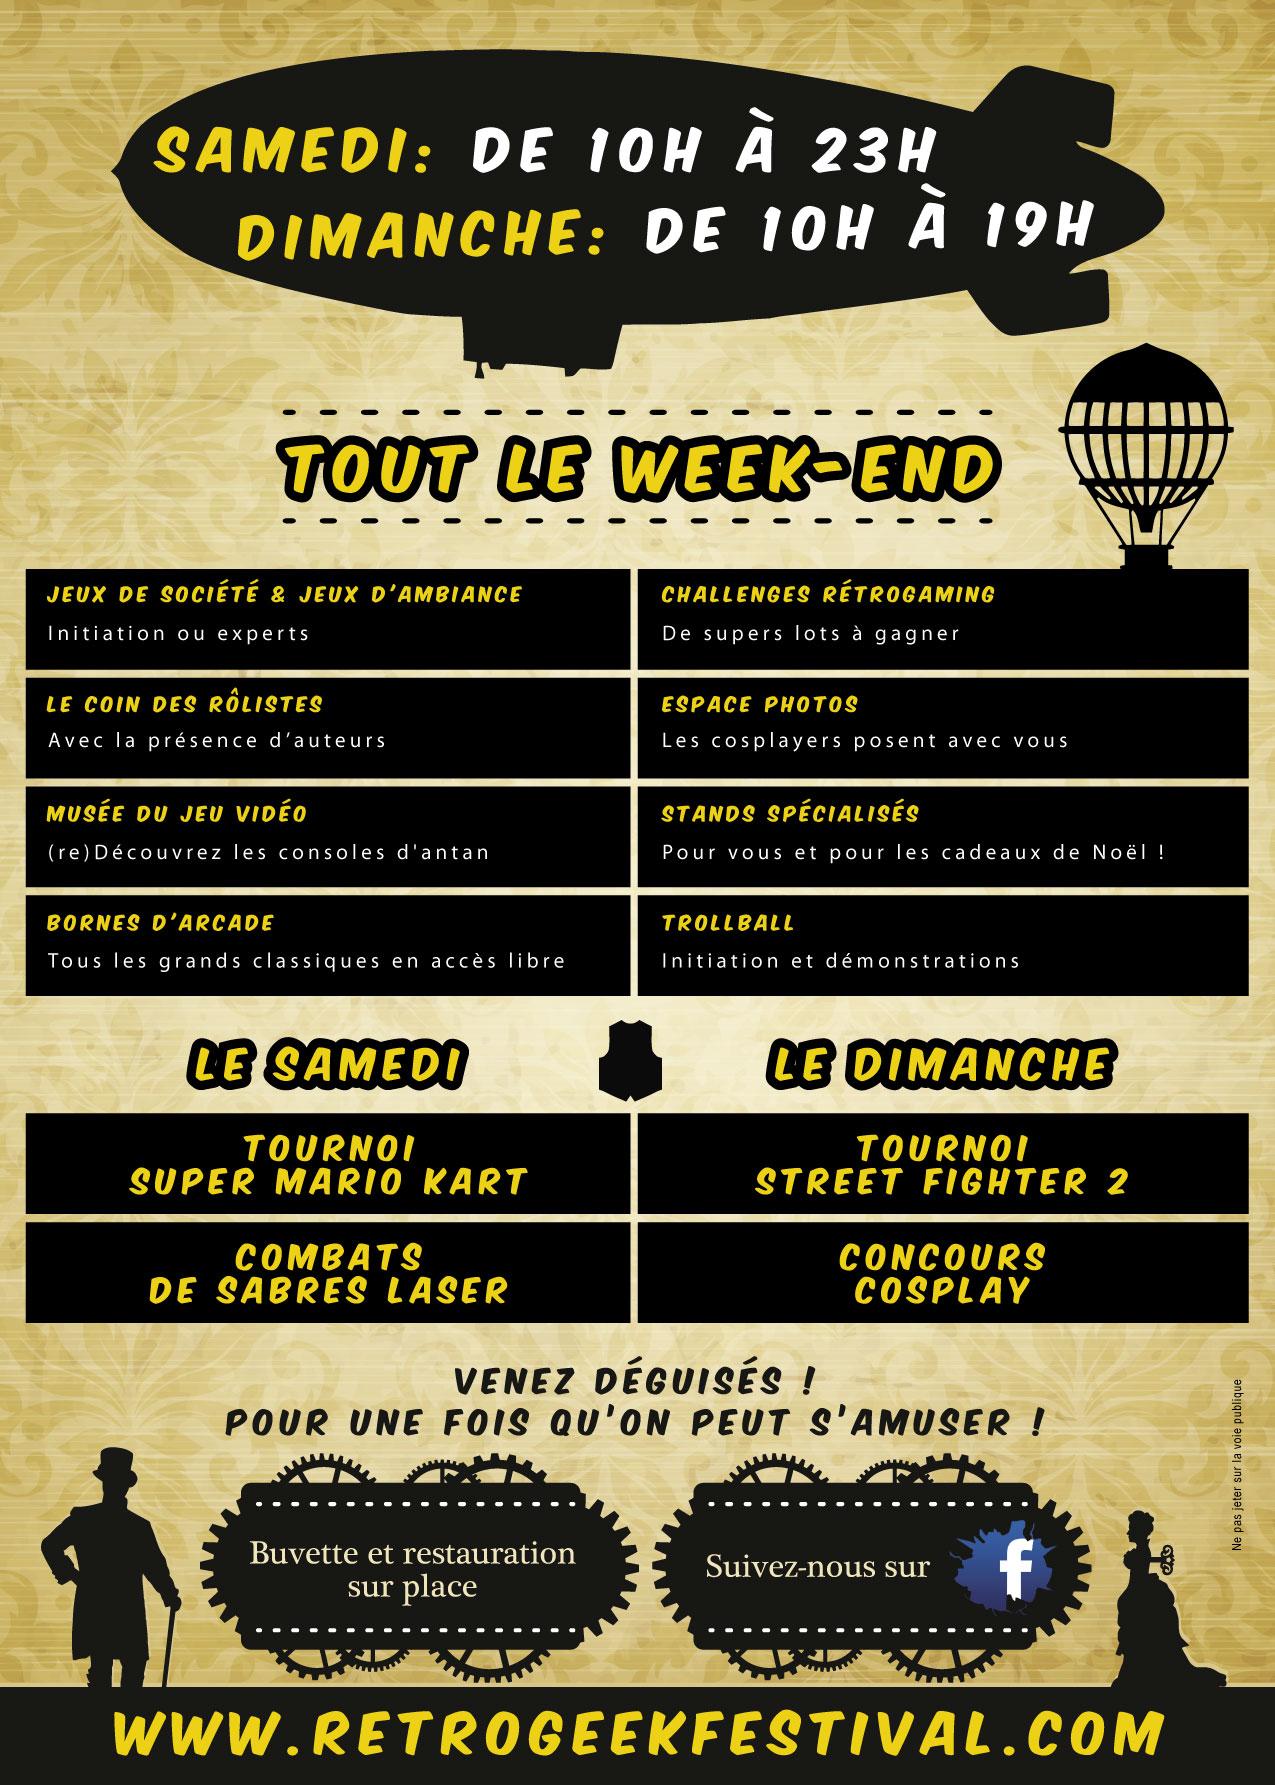 Festival RETROGEEK à Port-Sur-Saône les 11 & 12 novembre 2017 Programme